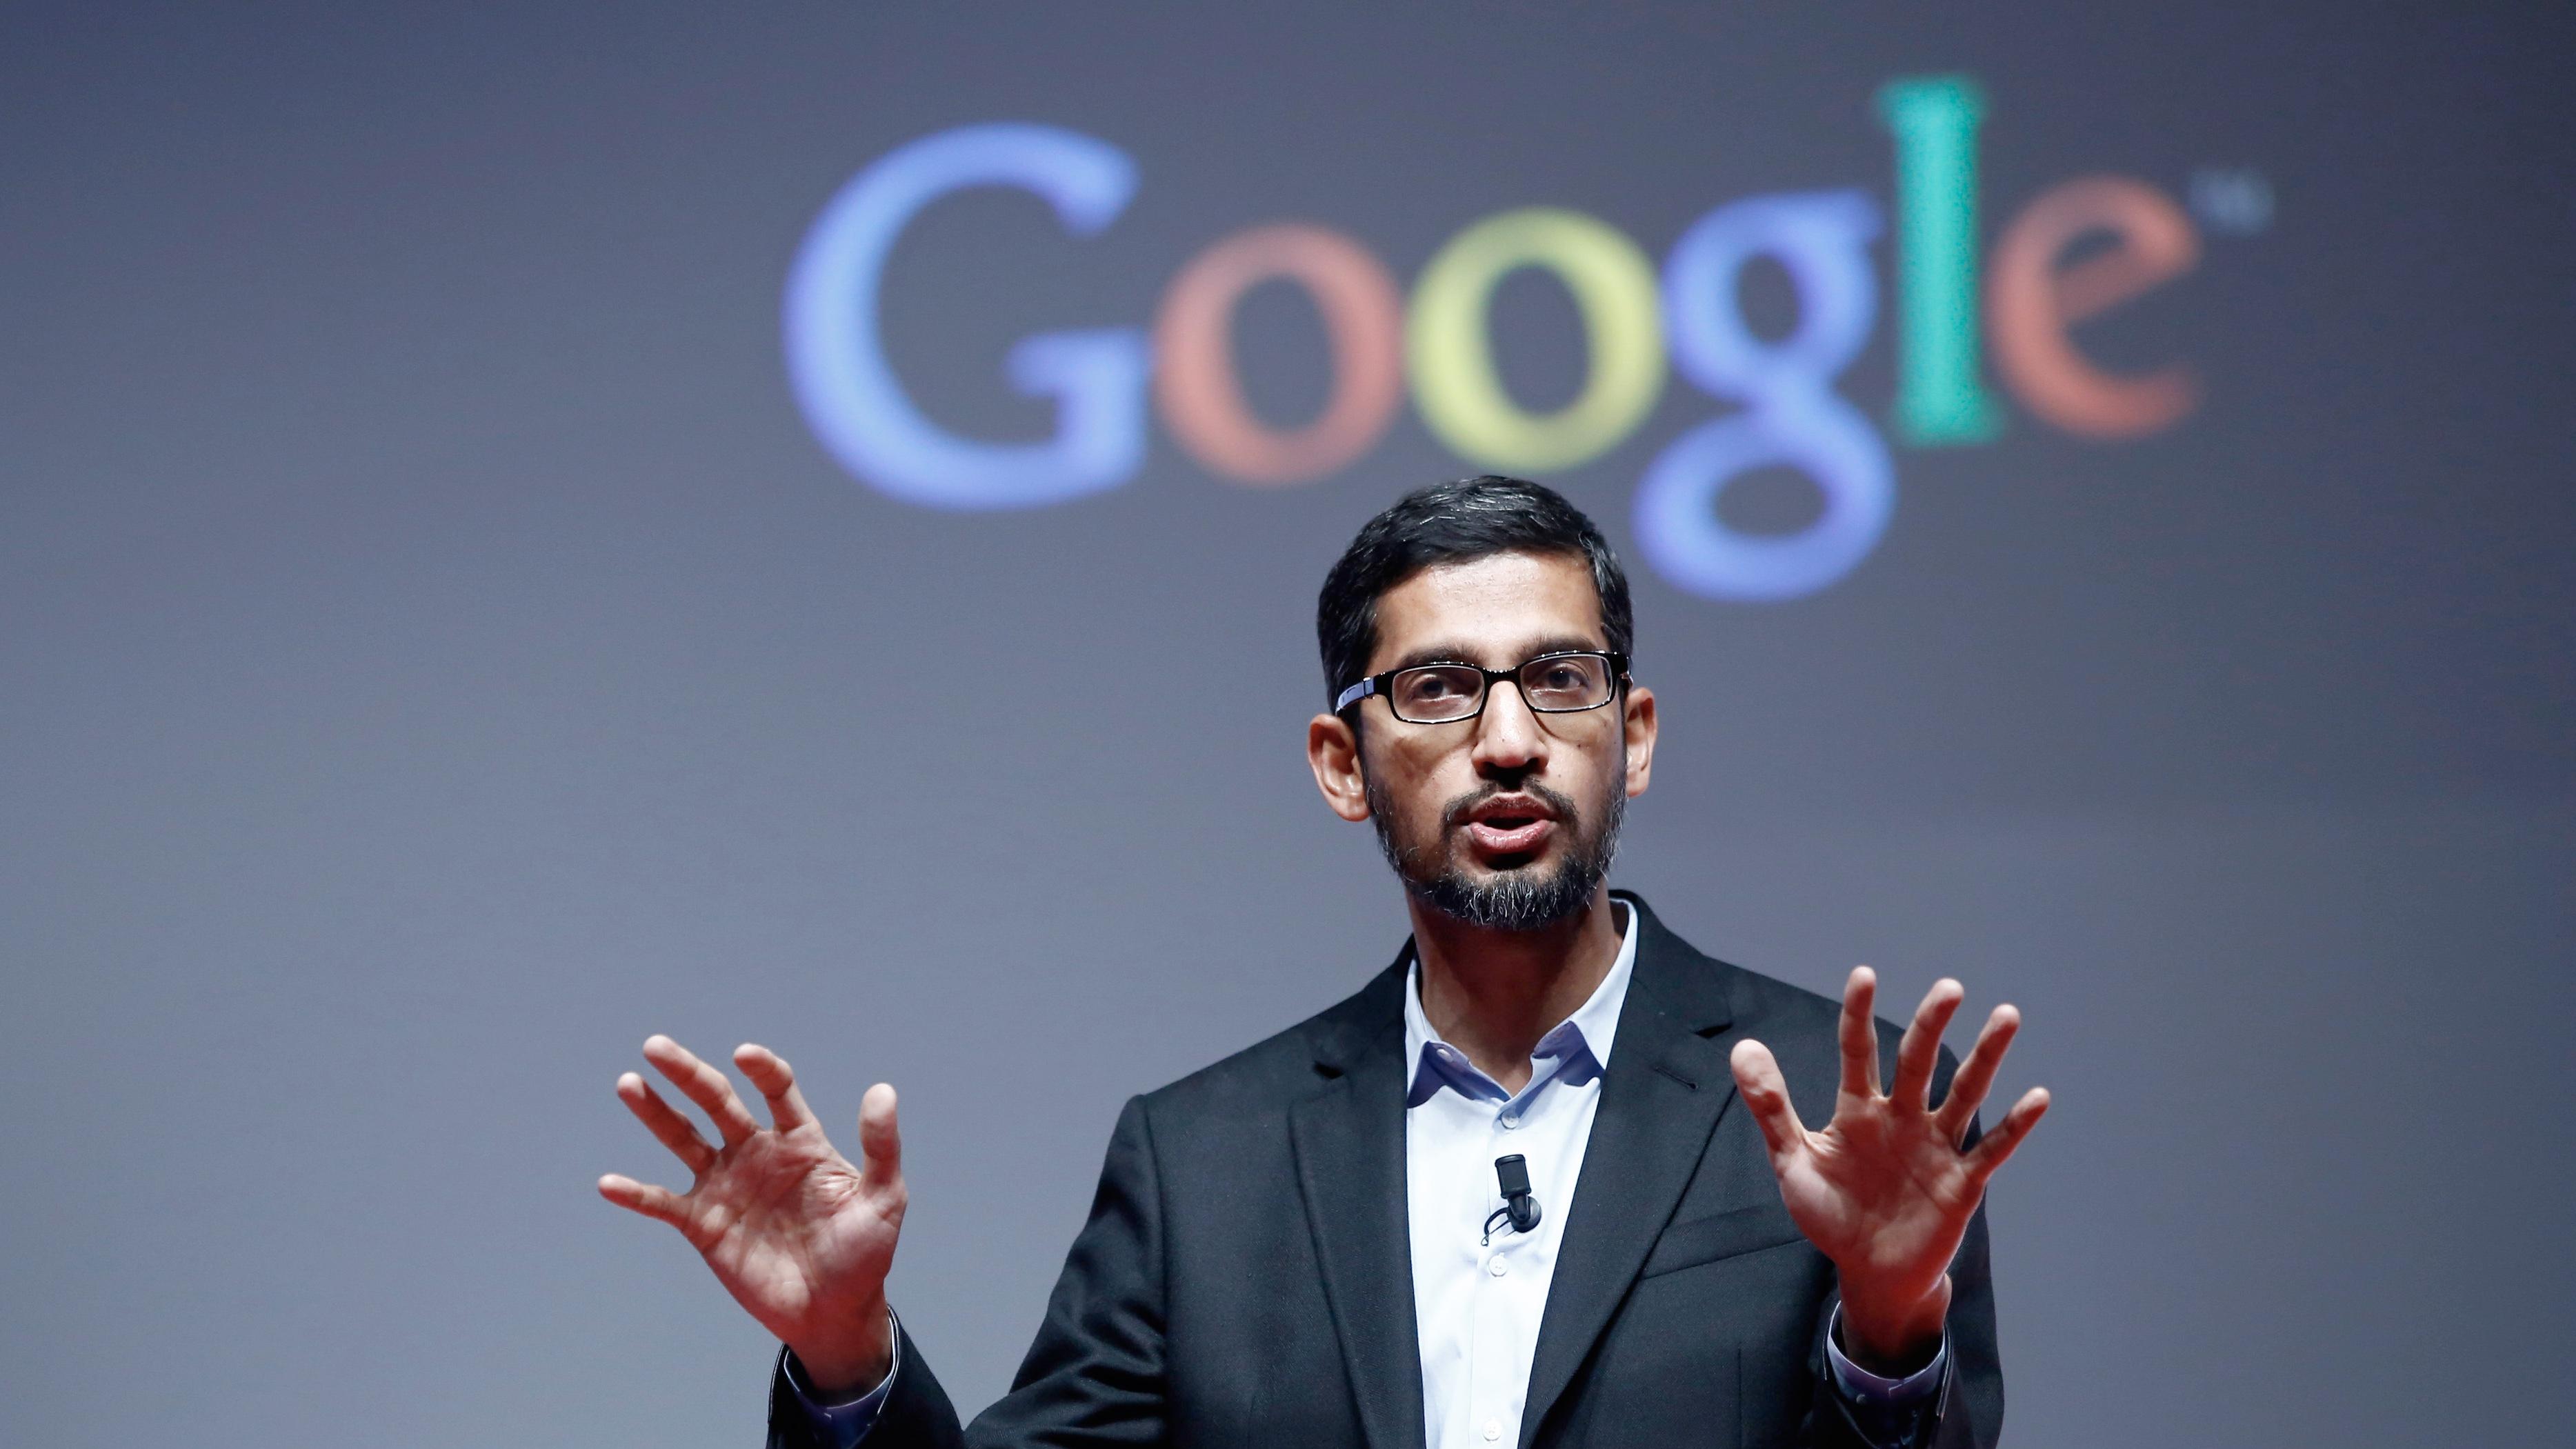 google topman Sundar Pichai